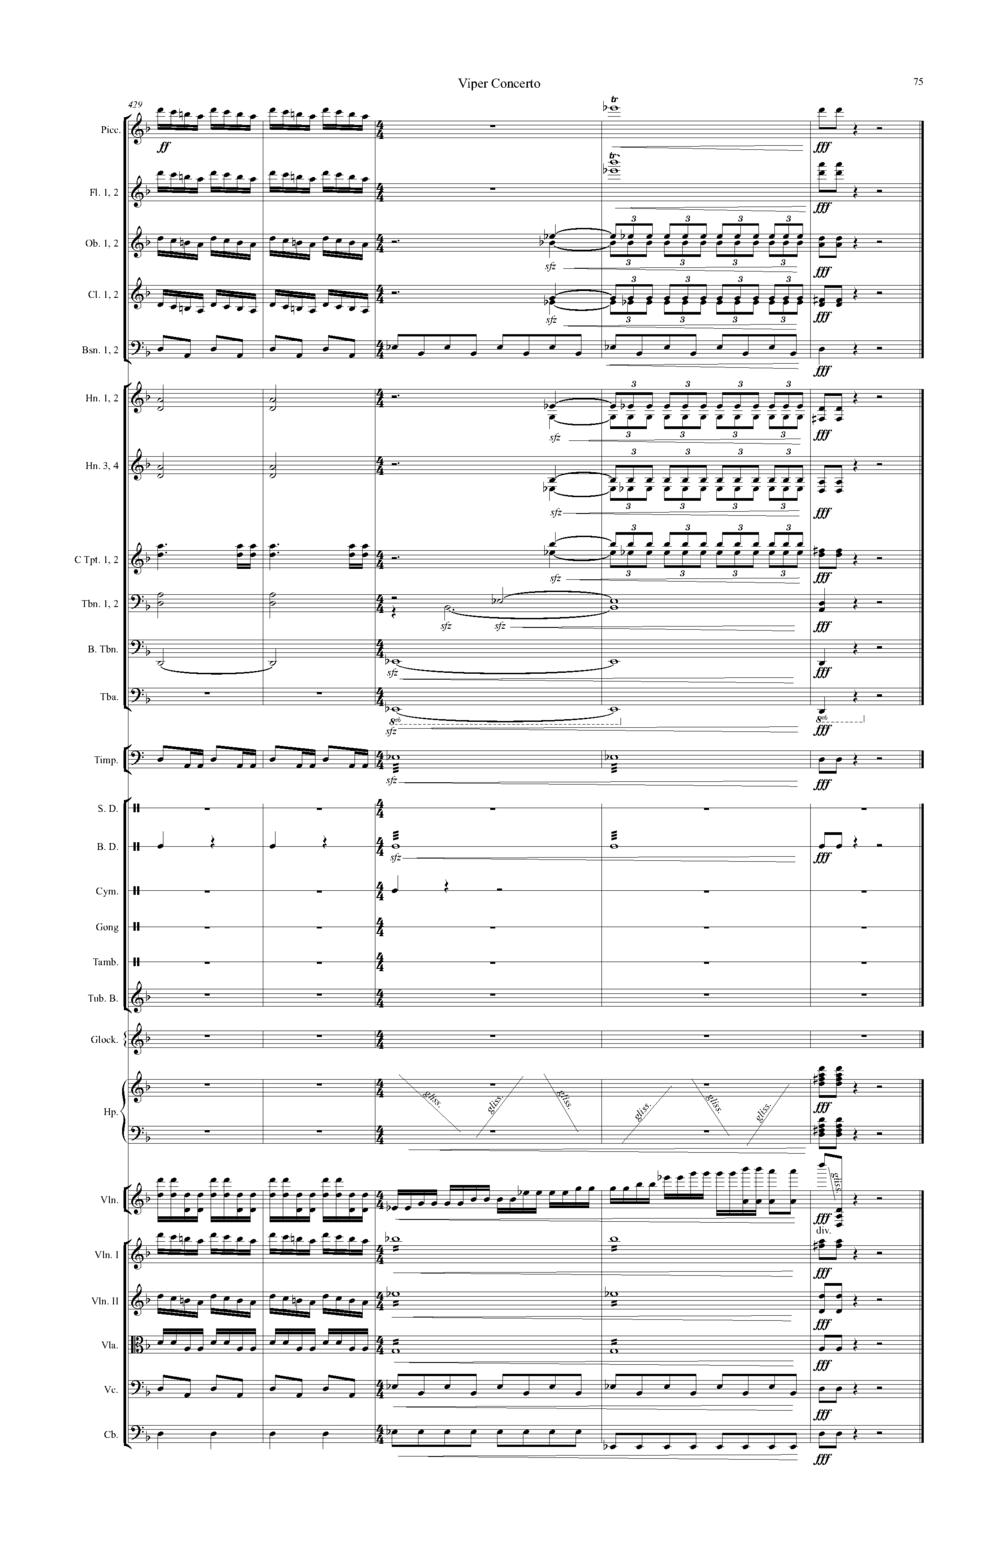 SCORE CLEANUP | Viper Concerto